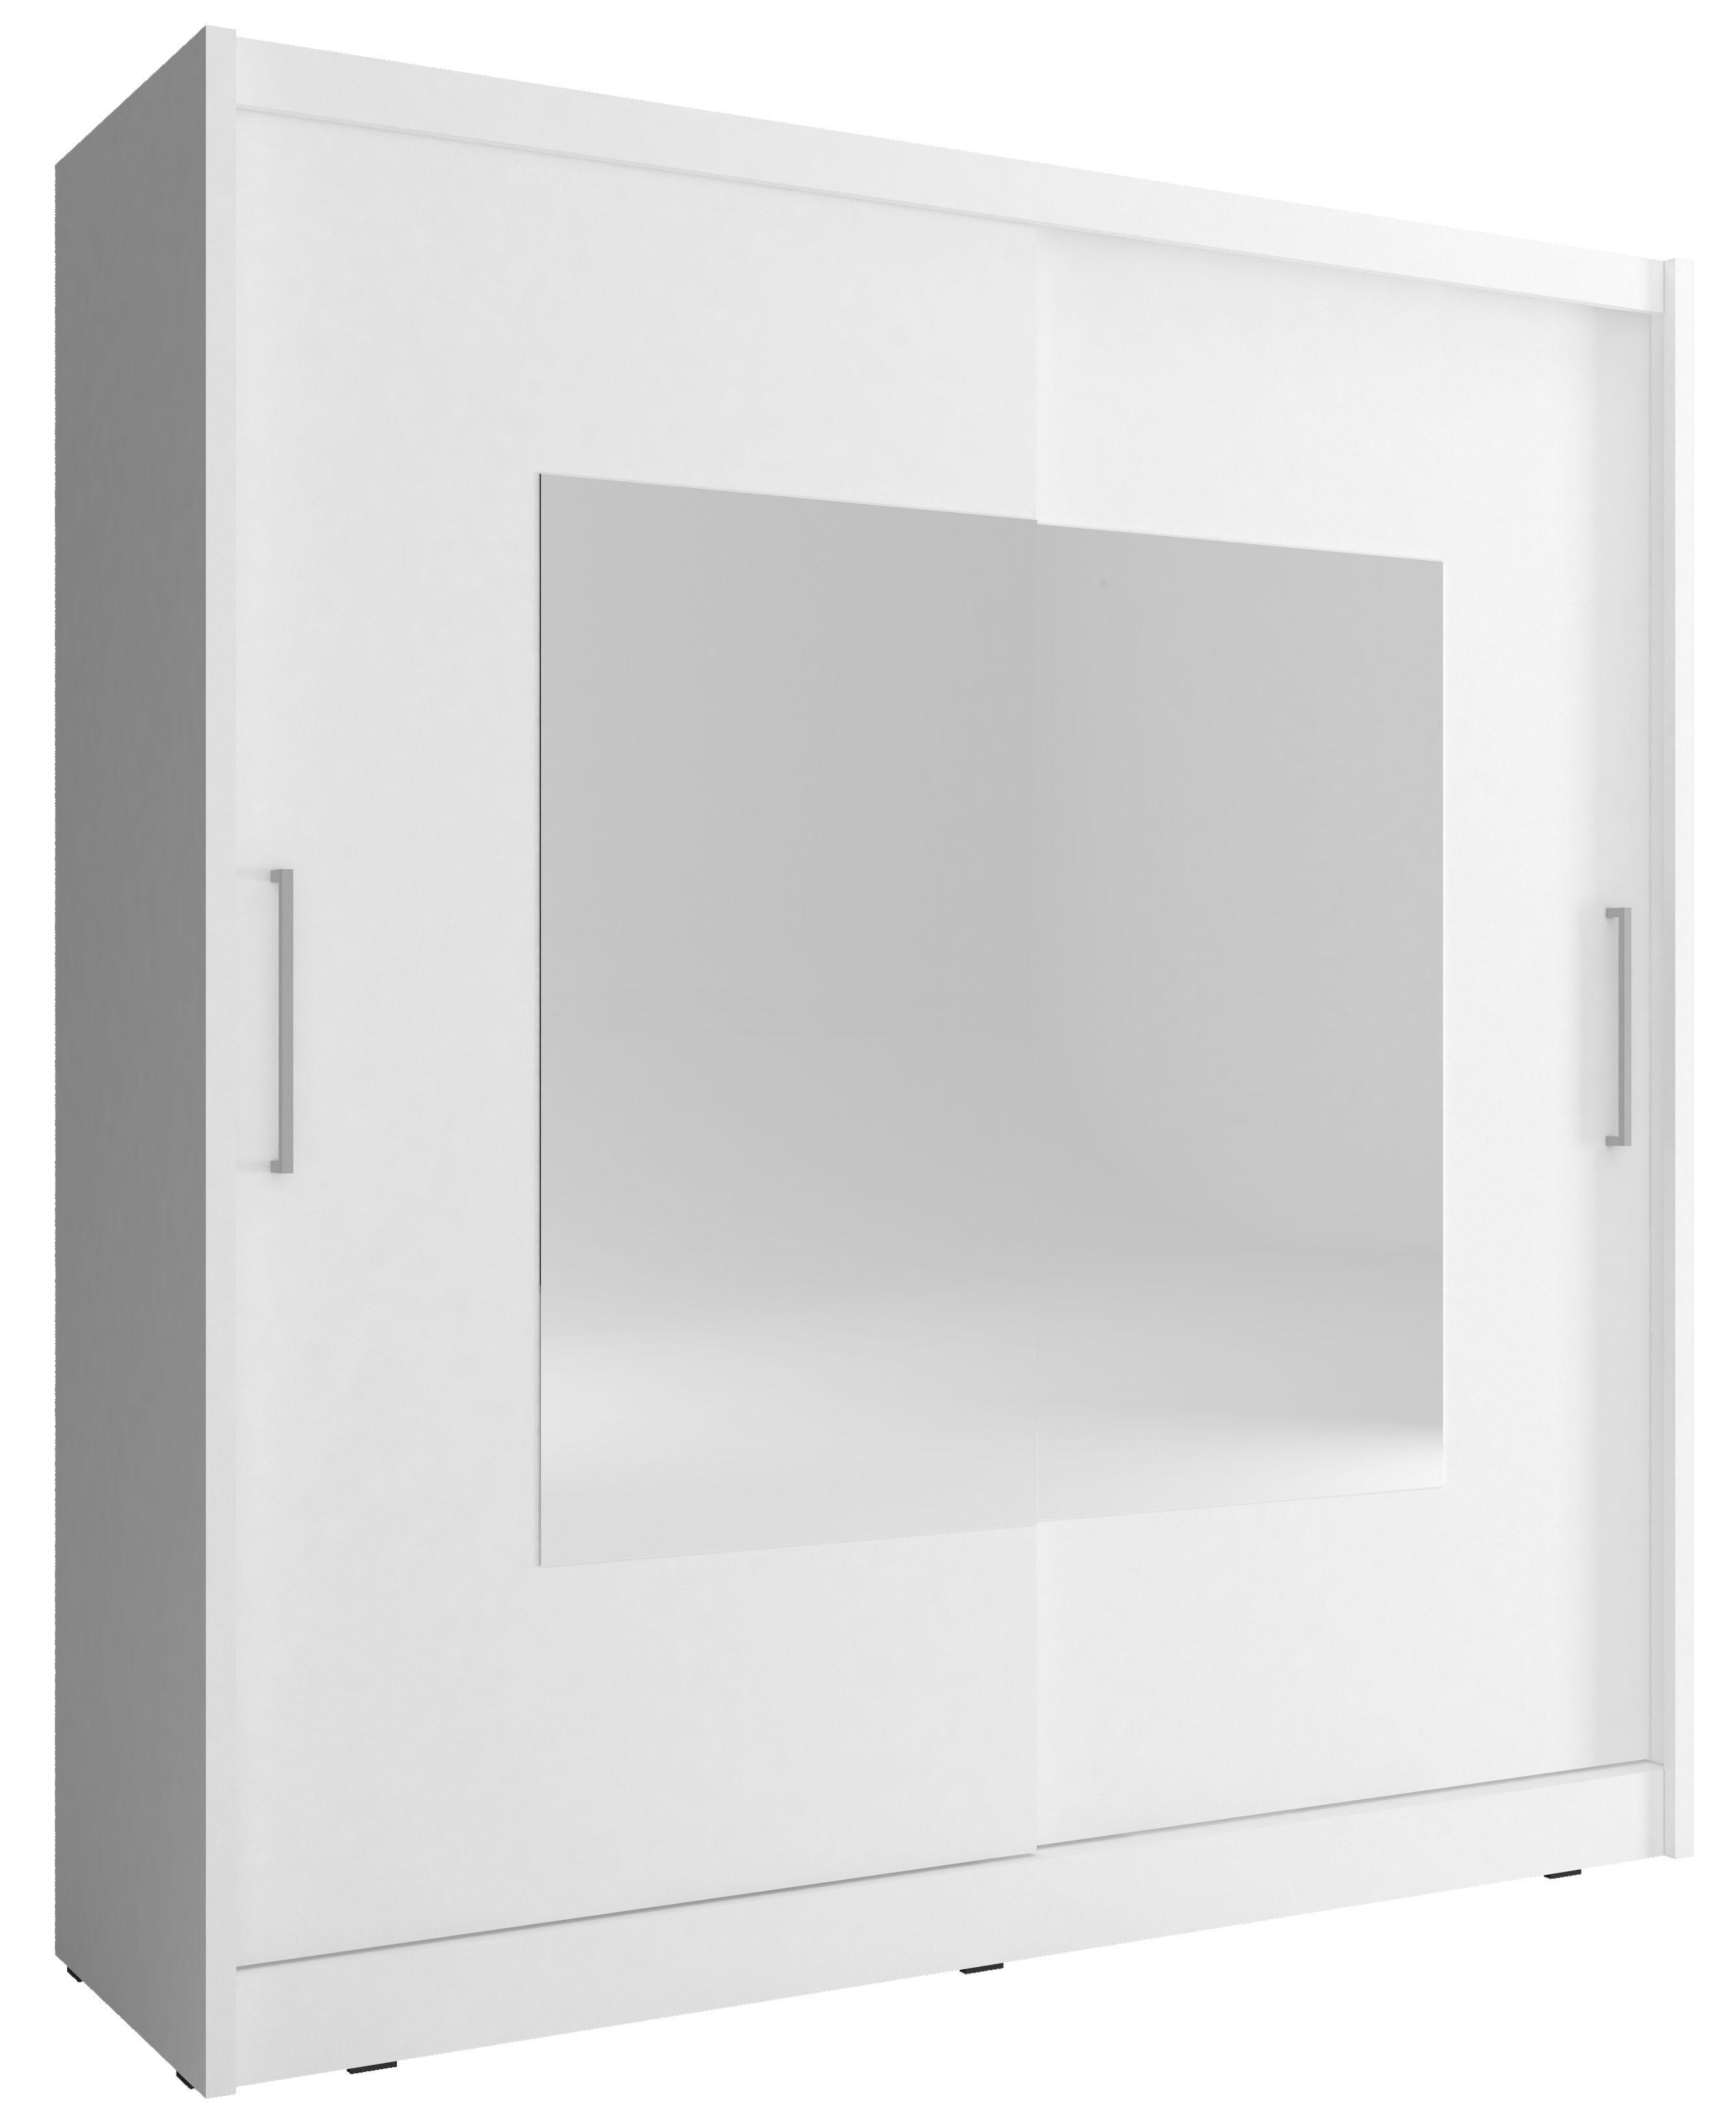 Piaski Šatníková skriňa WIKI IX 180 Farba: Biela